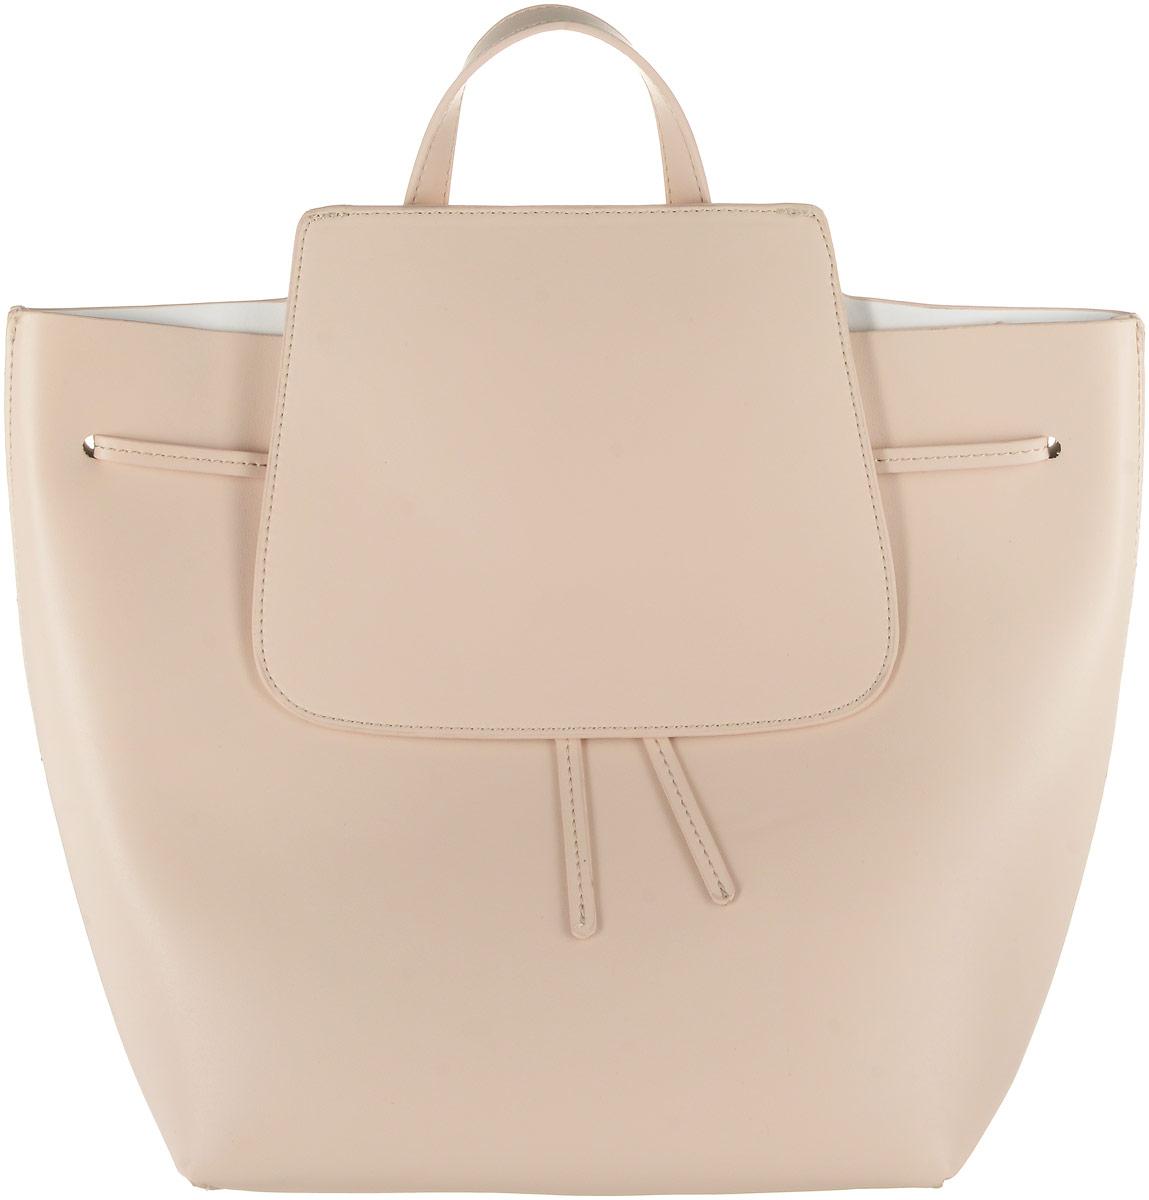 Рюкзак женский Vitacci, цвет: бежевый. HG0014HG0014Стильный женский рюкзак Vitacci выполнен из искусственной кожи. Рюкзак имеет одно основное отделение, которое закрывается на затягивающийся шнурок и клапан с магнитной кнопкой. Внутри карман на застежке-молнии. Рюкзак оснащен двумя регулируемыми по длине лямками и петлей для подвешивания.